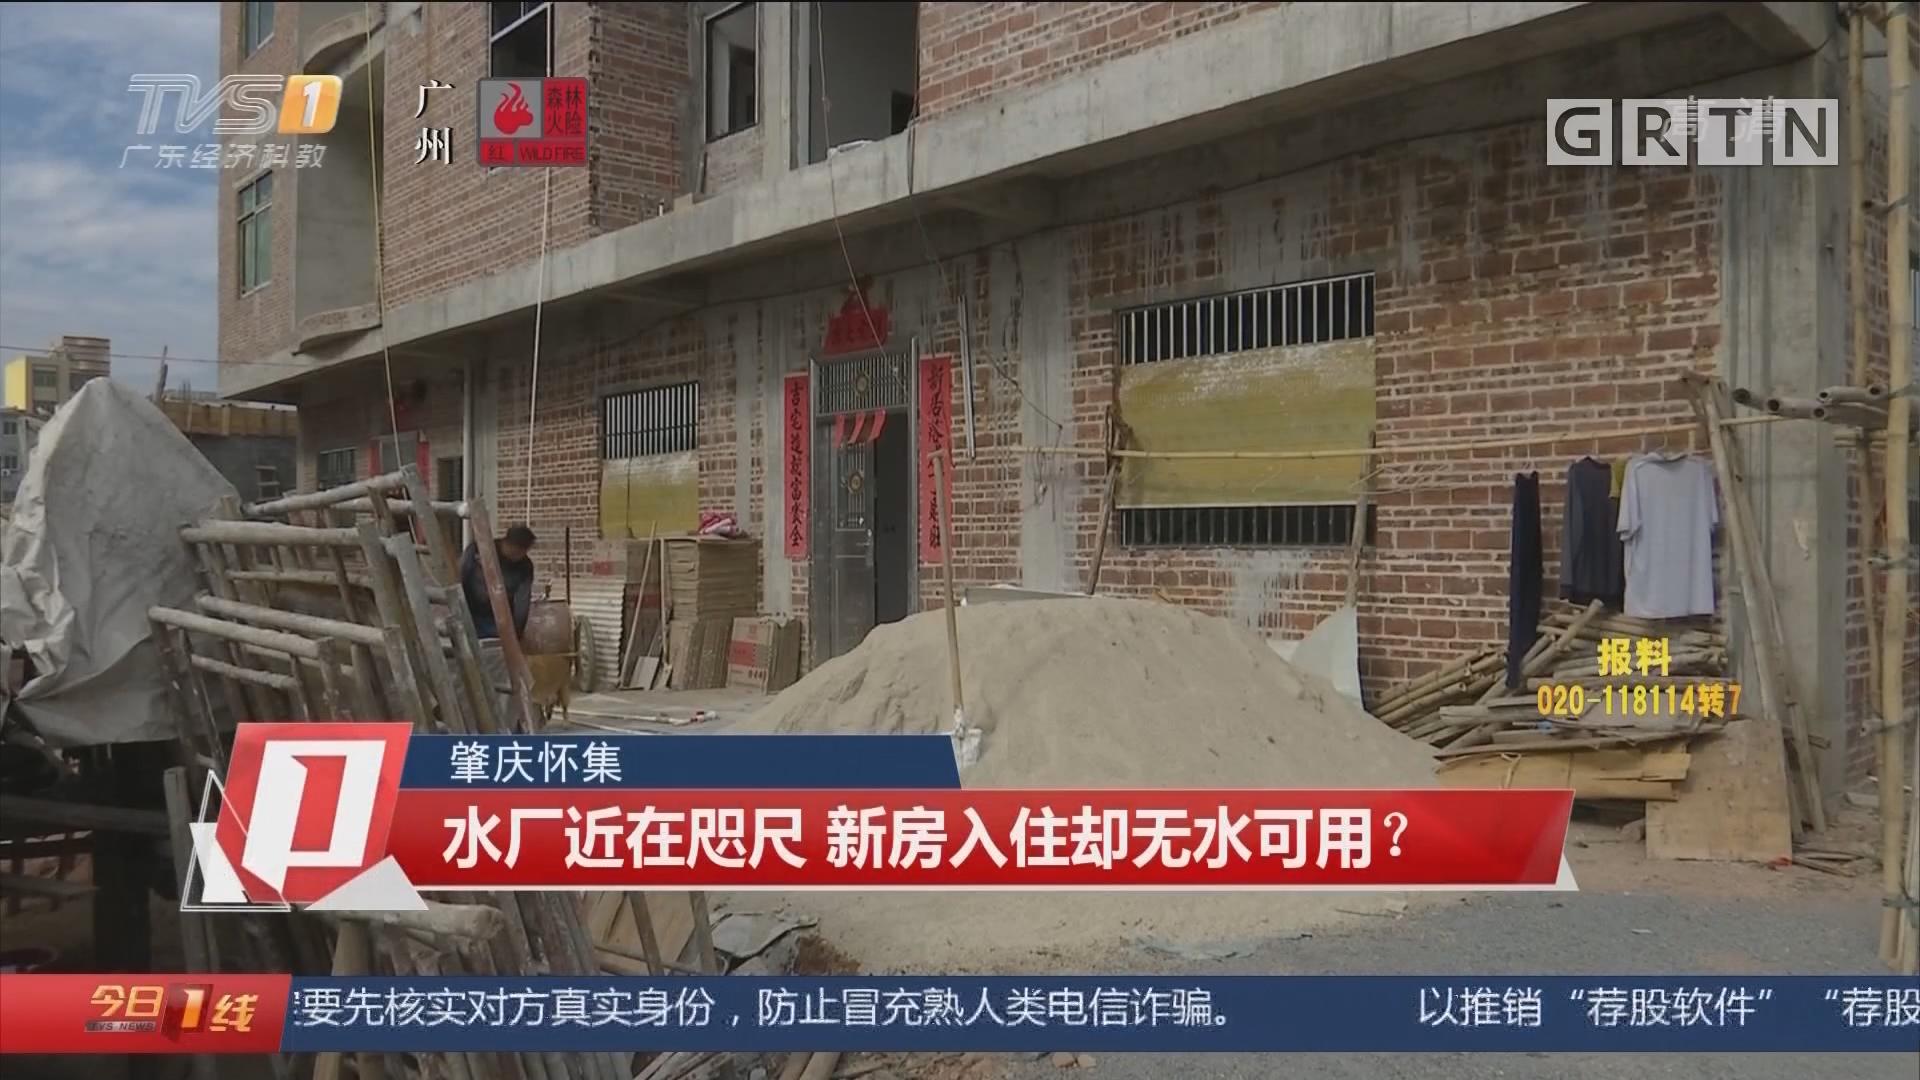 肇庆怀集:水厂近在咫尺 新房入住却无水可用?